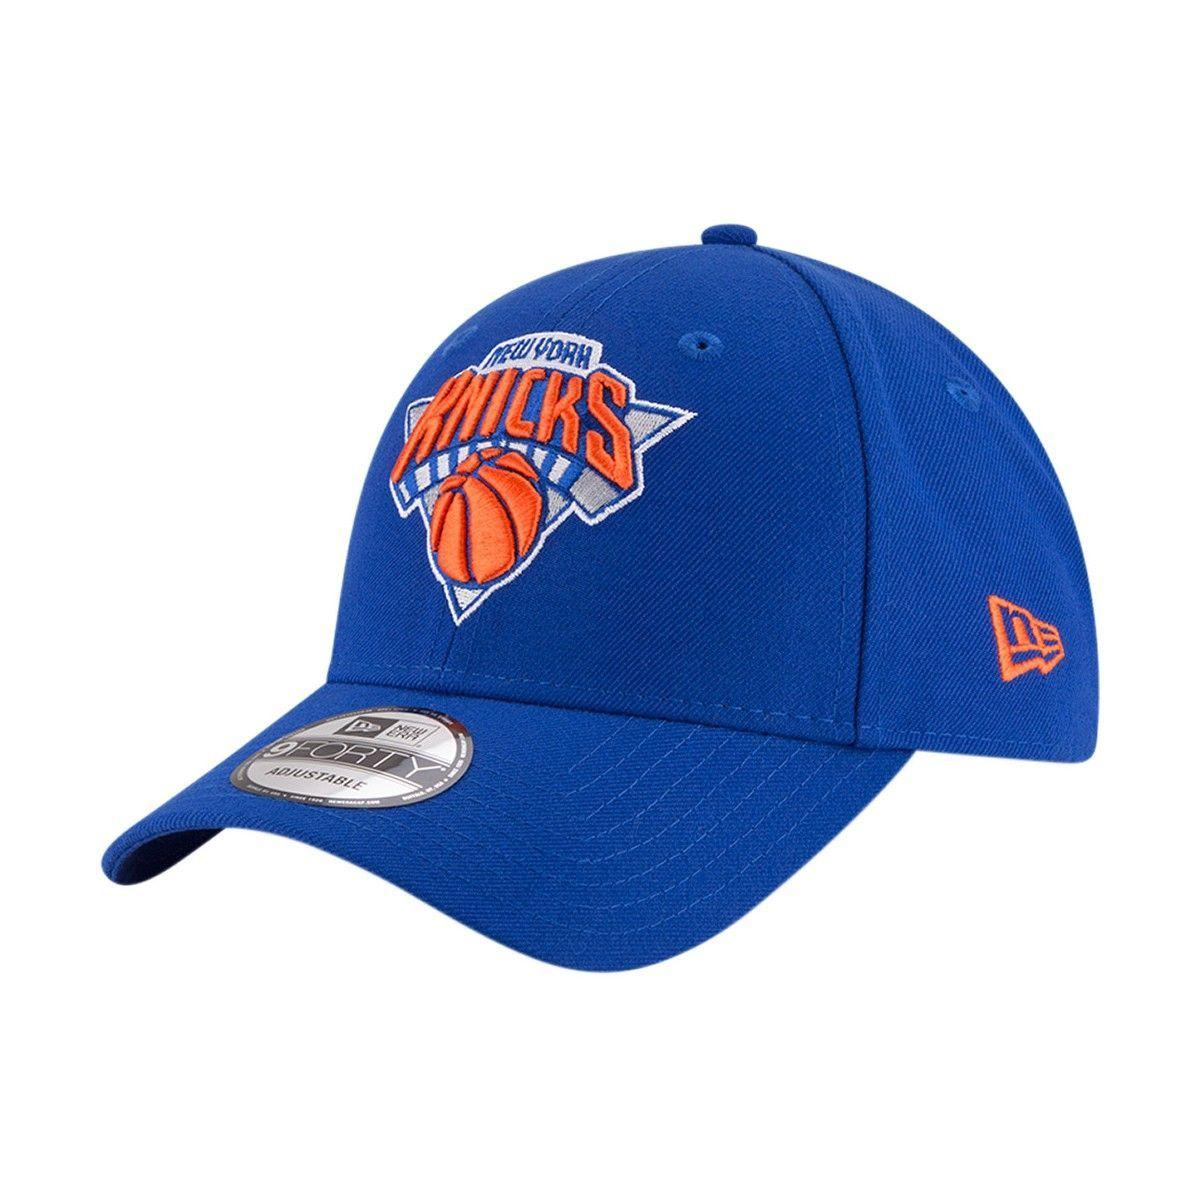 c50e22a480909 Casquette New York Knicks - Taille : Taille Unique en 2019 ...